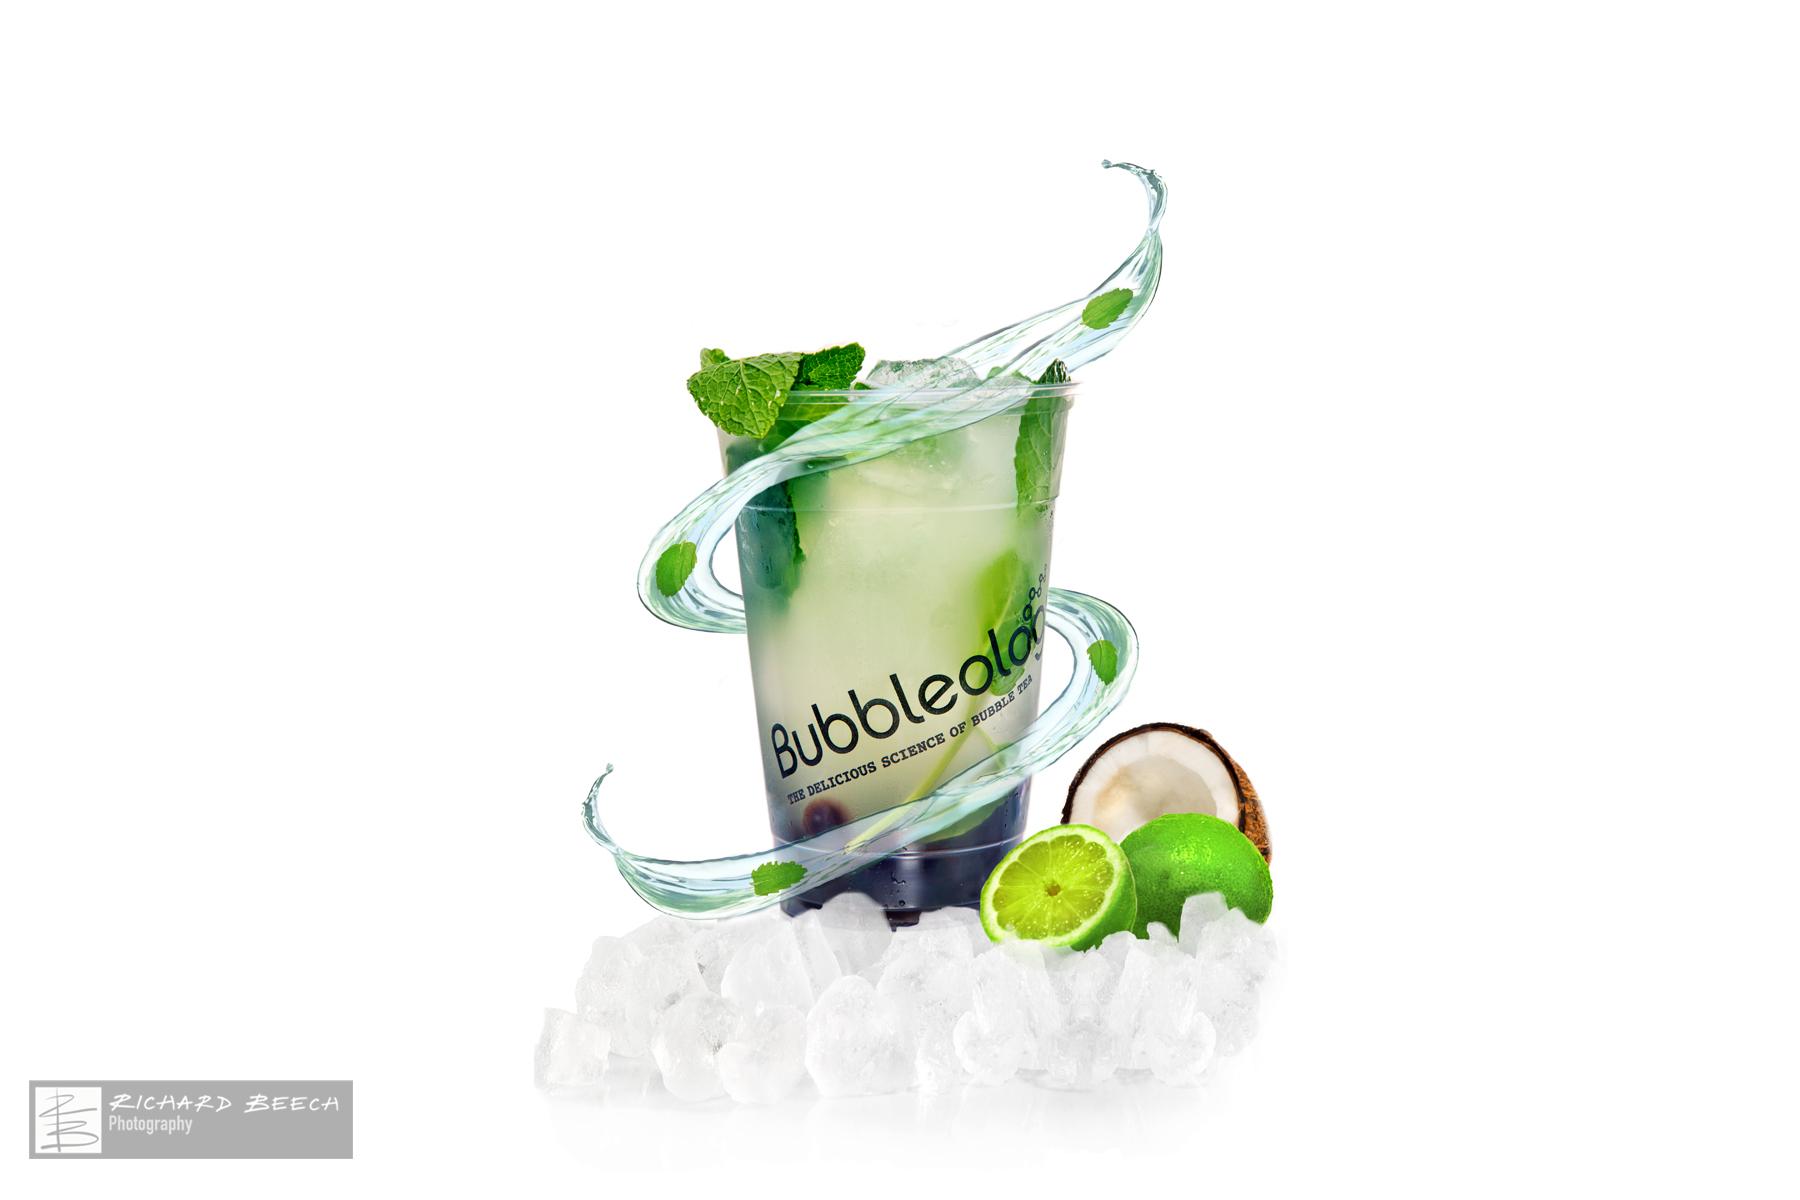 Nojito Splash Advert